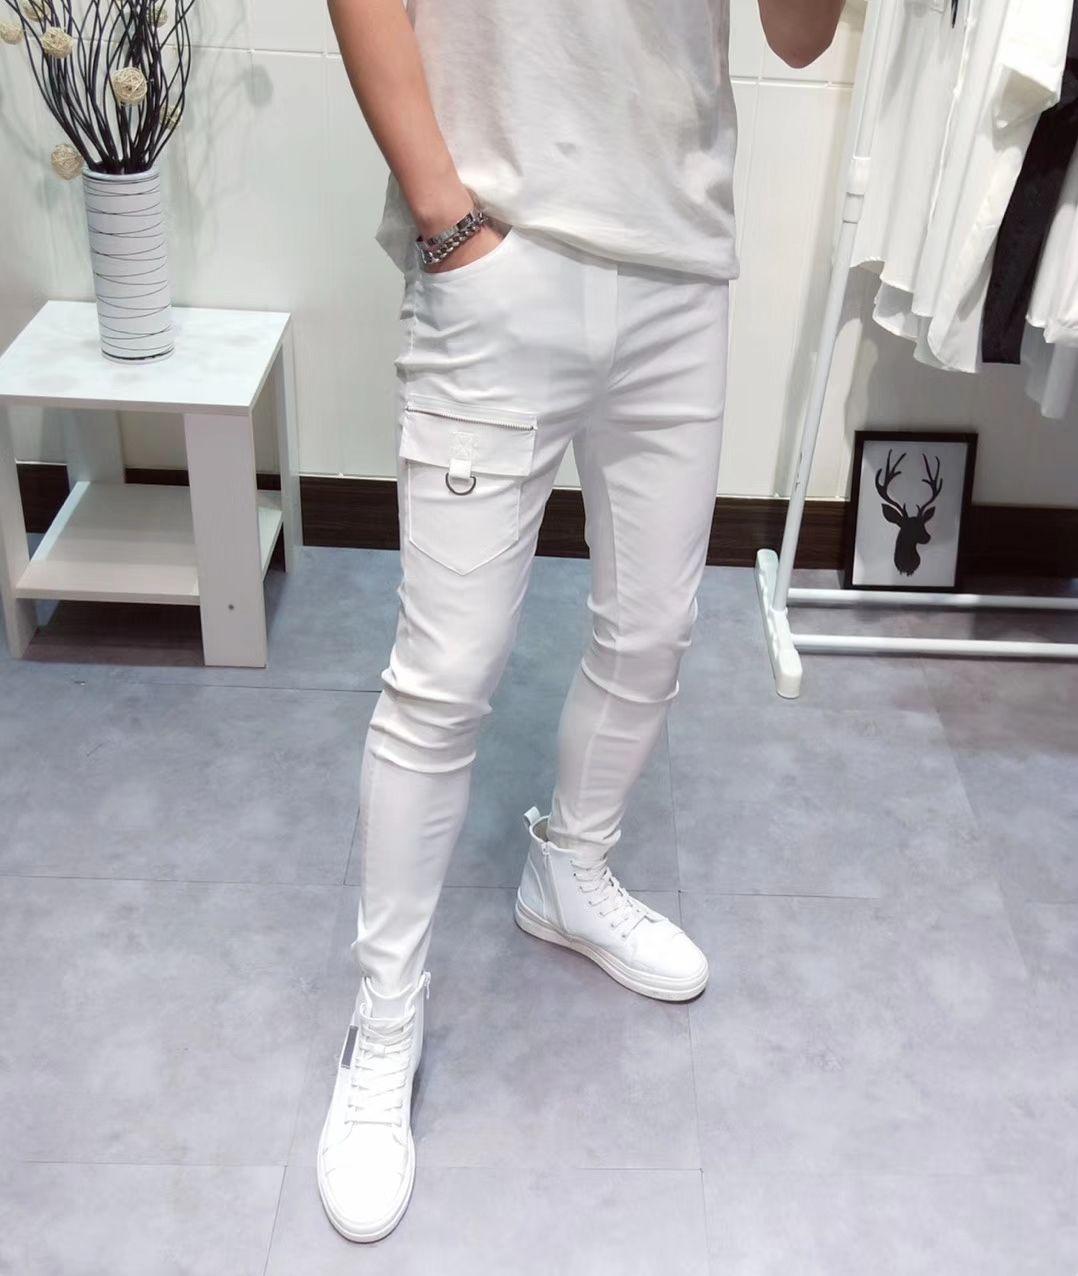 Pants men casual pants Sweatpants fashion design pants for men Comfortable size M-2XL Zipper slim style